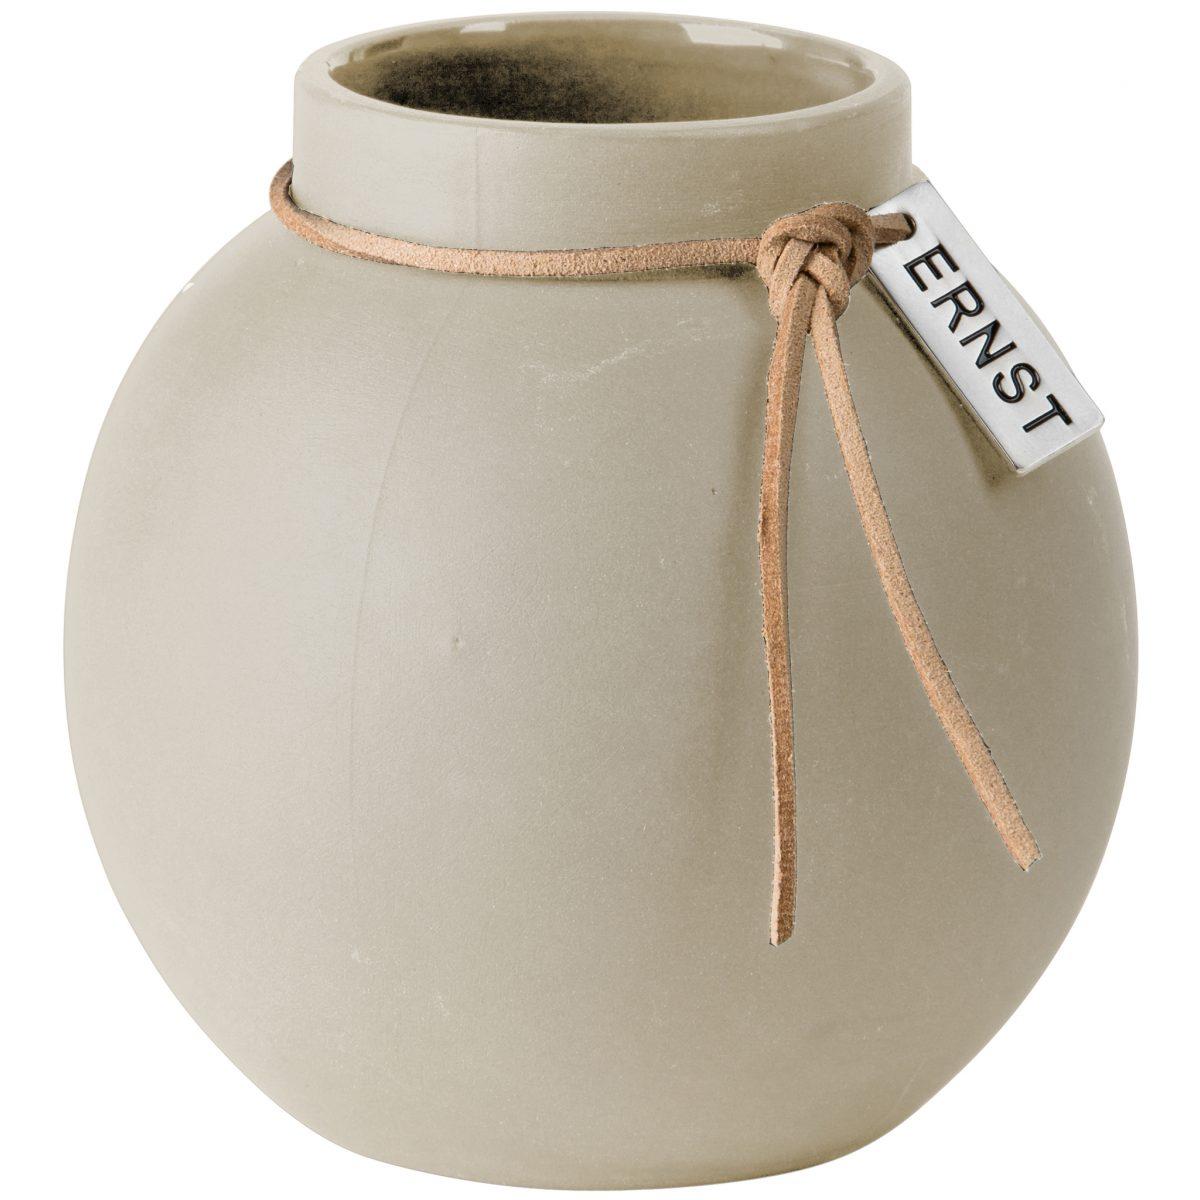 Vase Steingut rund ø 10 cm beige - ERNST My Home and More